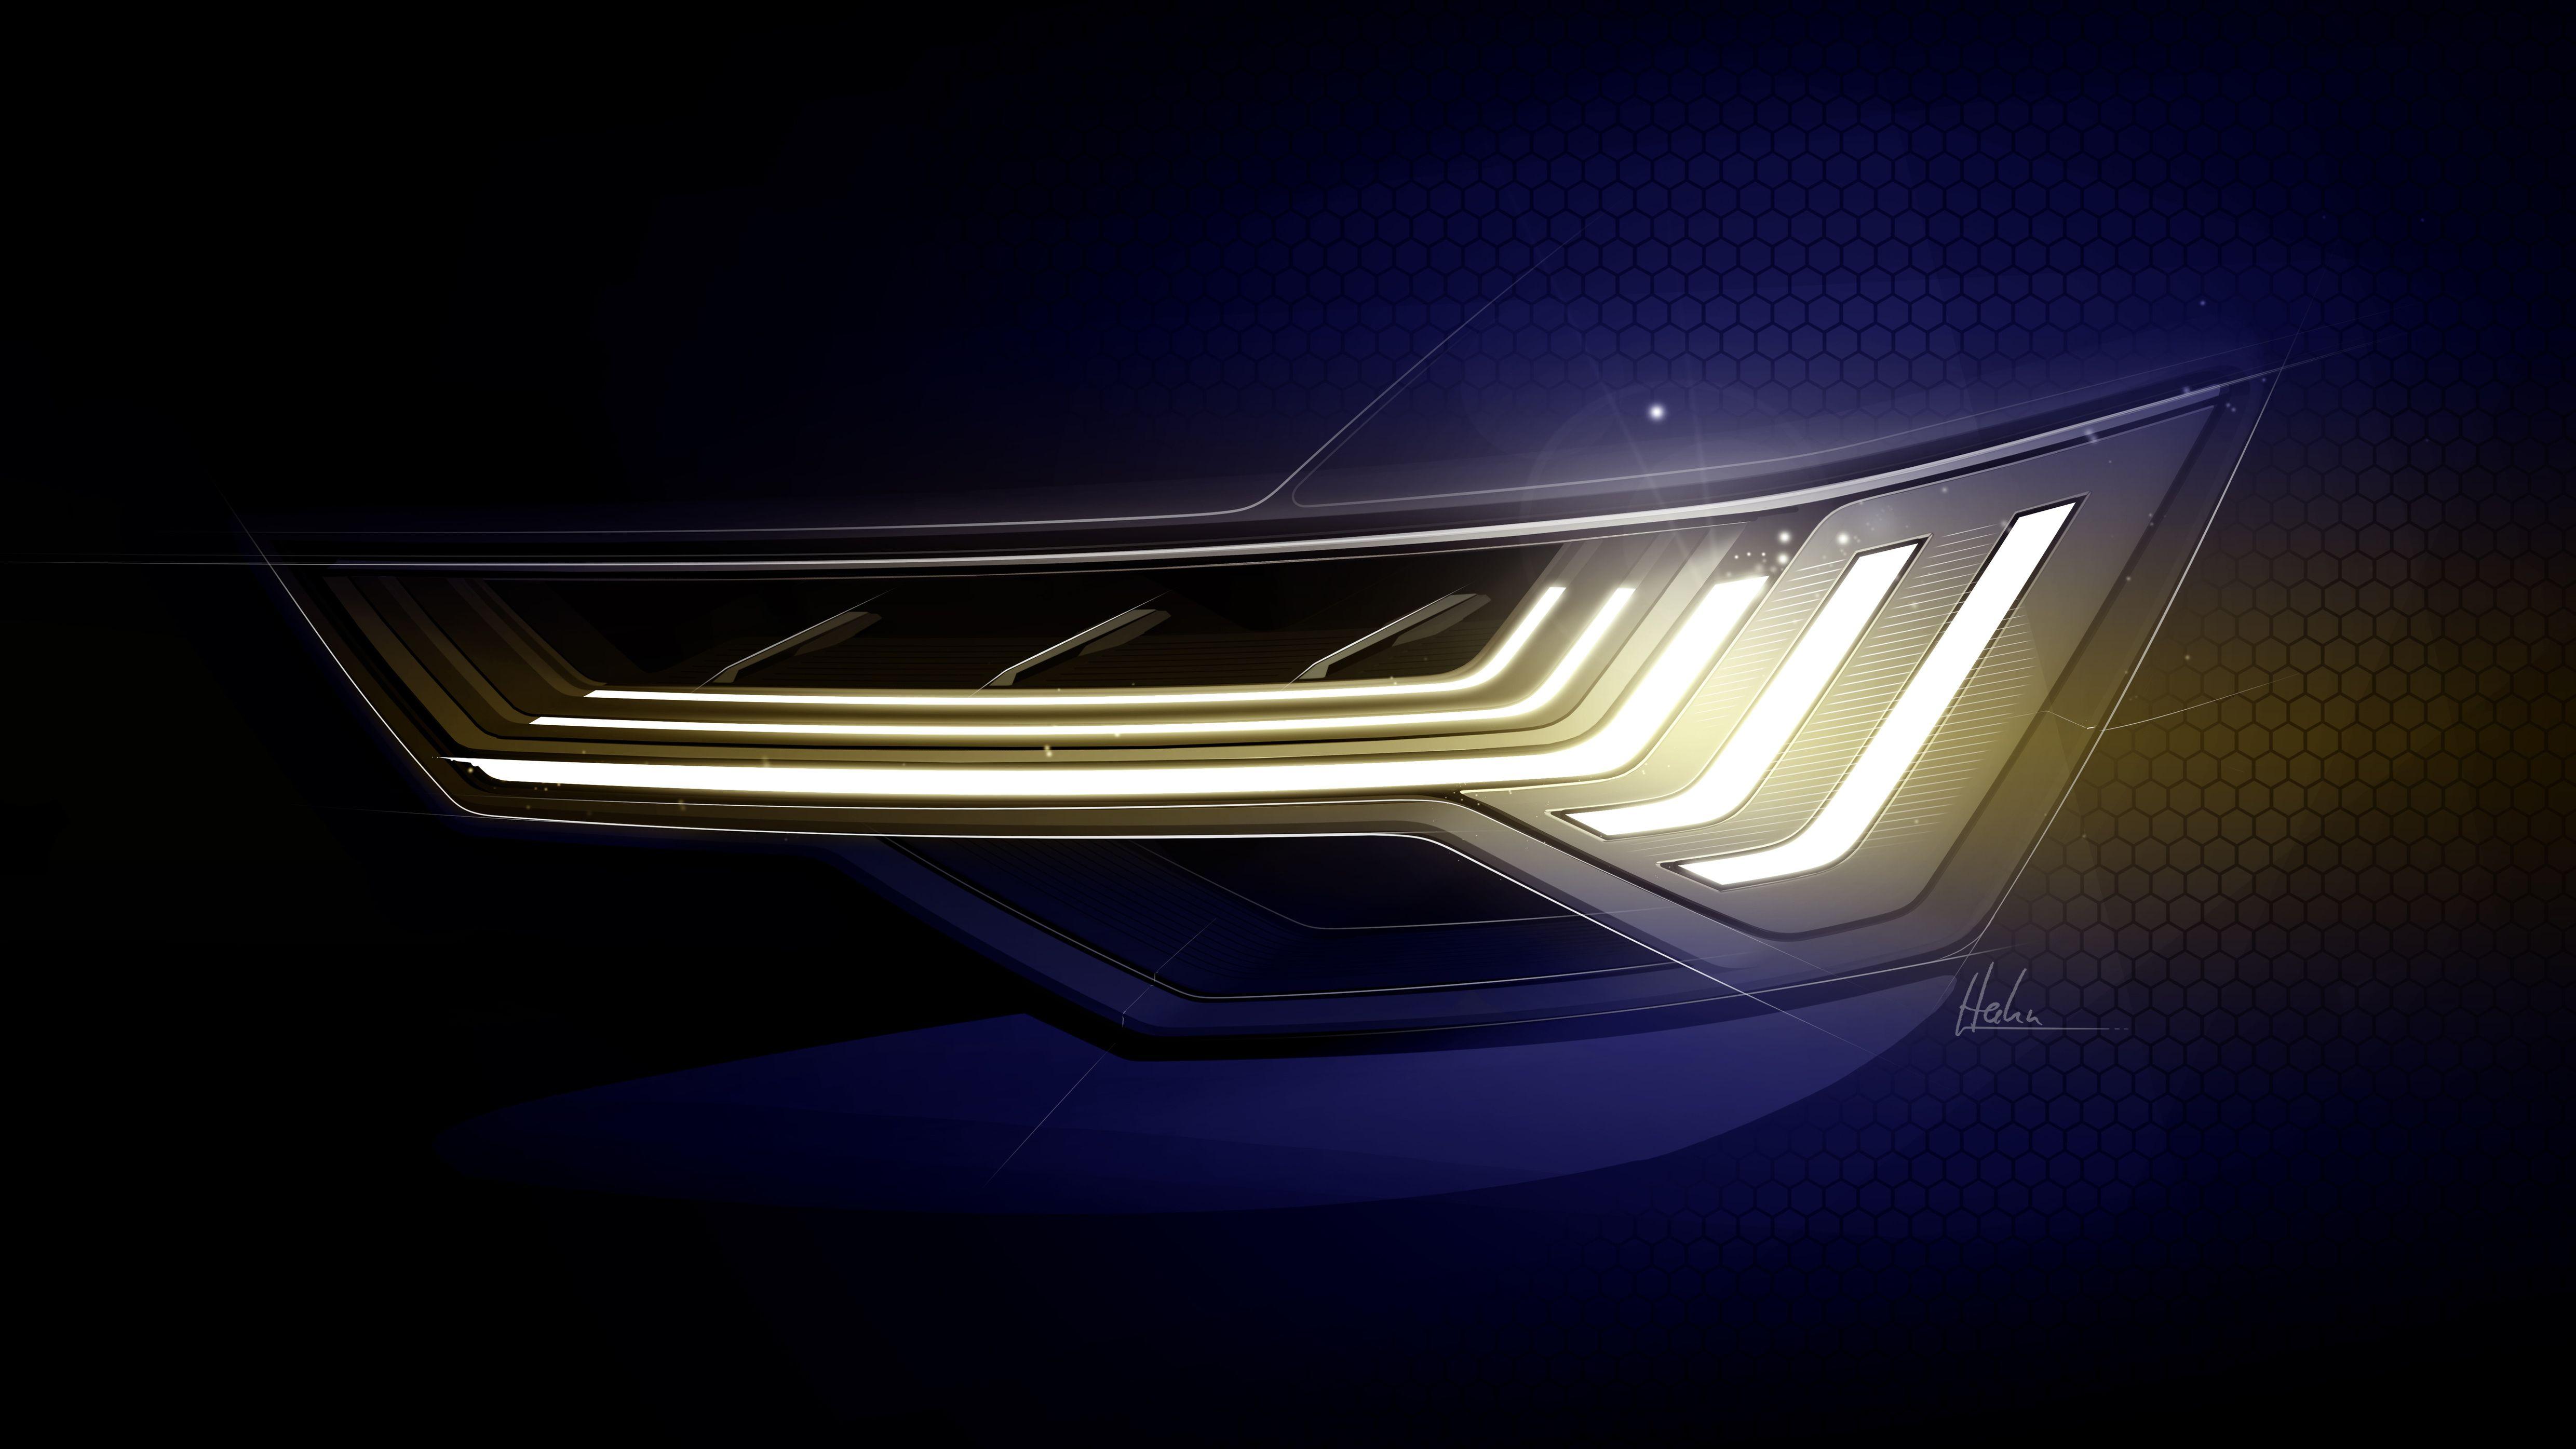 Audi A6 Light Design Sketch Headlamp Audi A6 Audi Design